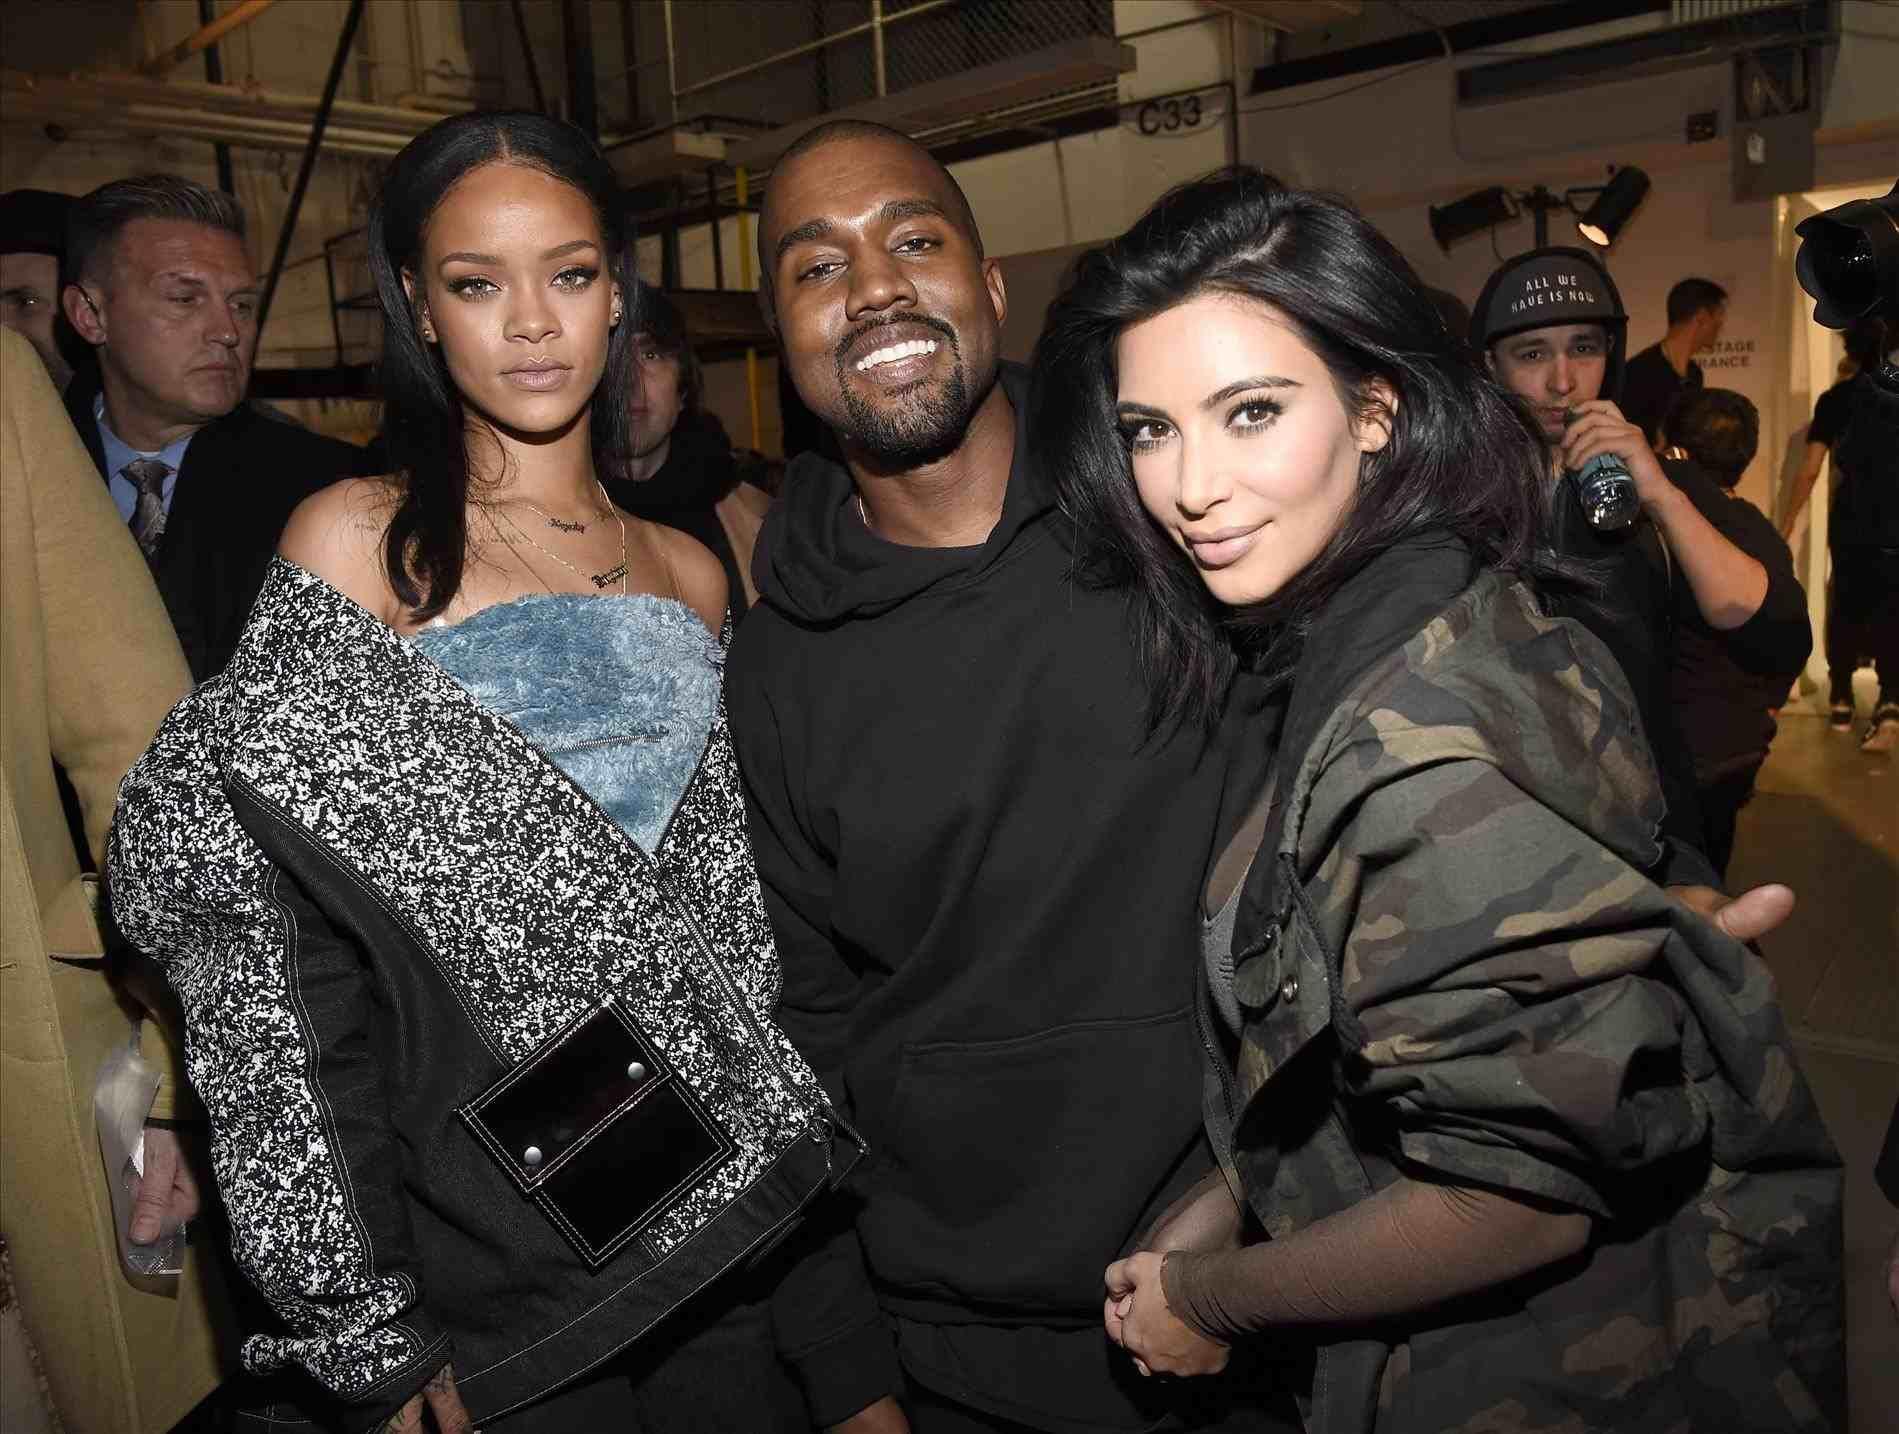 Kanye West Fashion Designer Kardashian Girls Rihanna Kanye West Kanye West Adidas